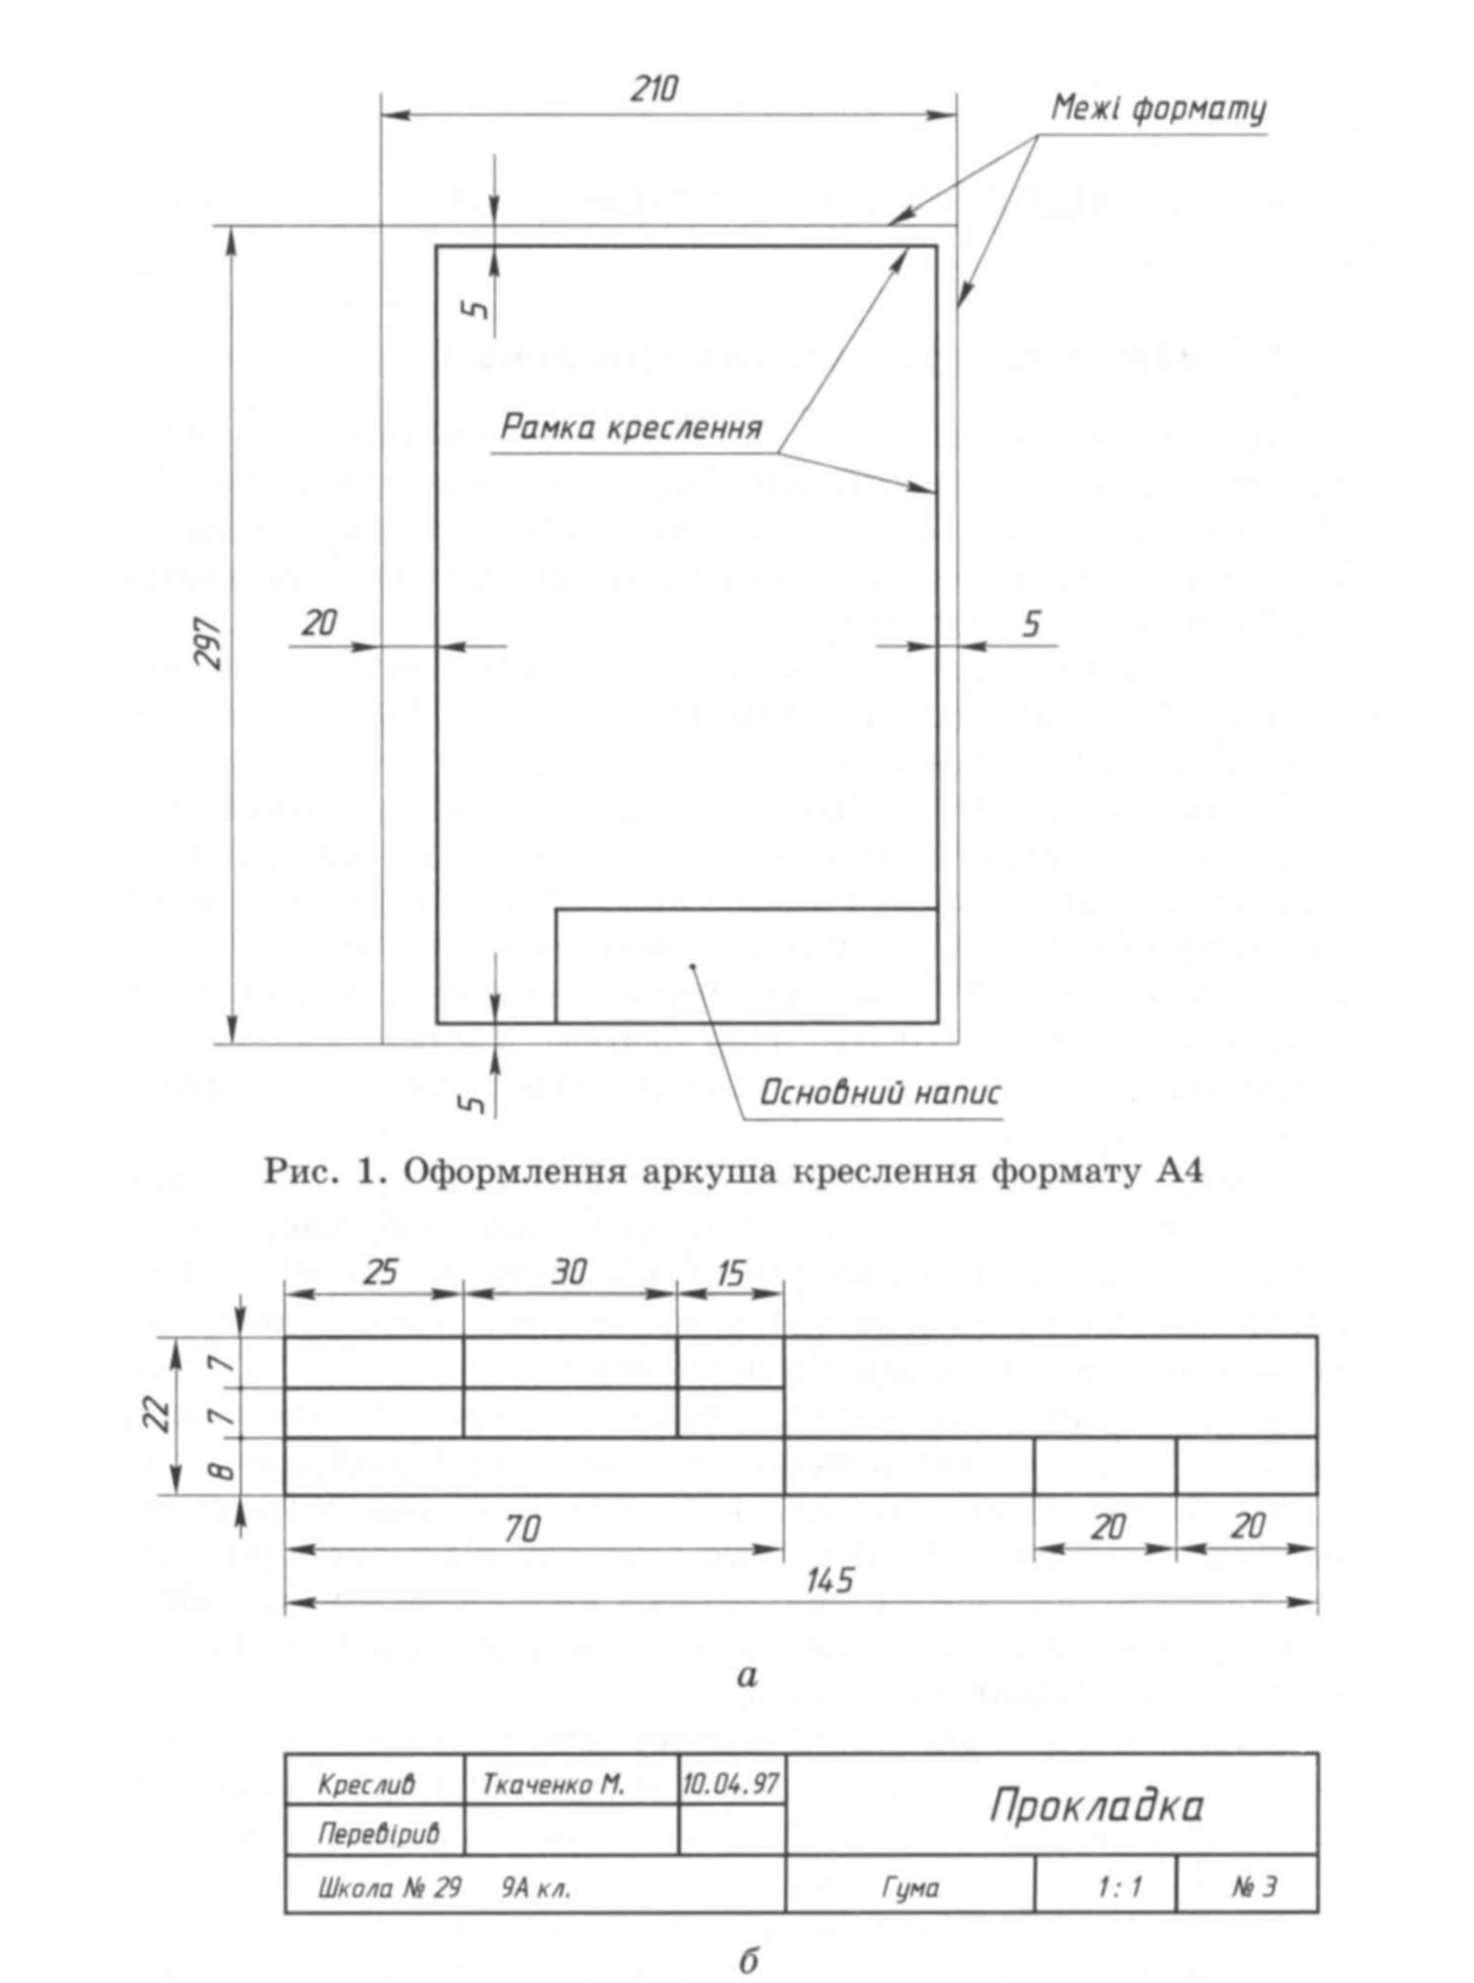 Гдз черчение 8-9 класс сидоренко 2004